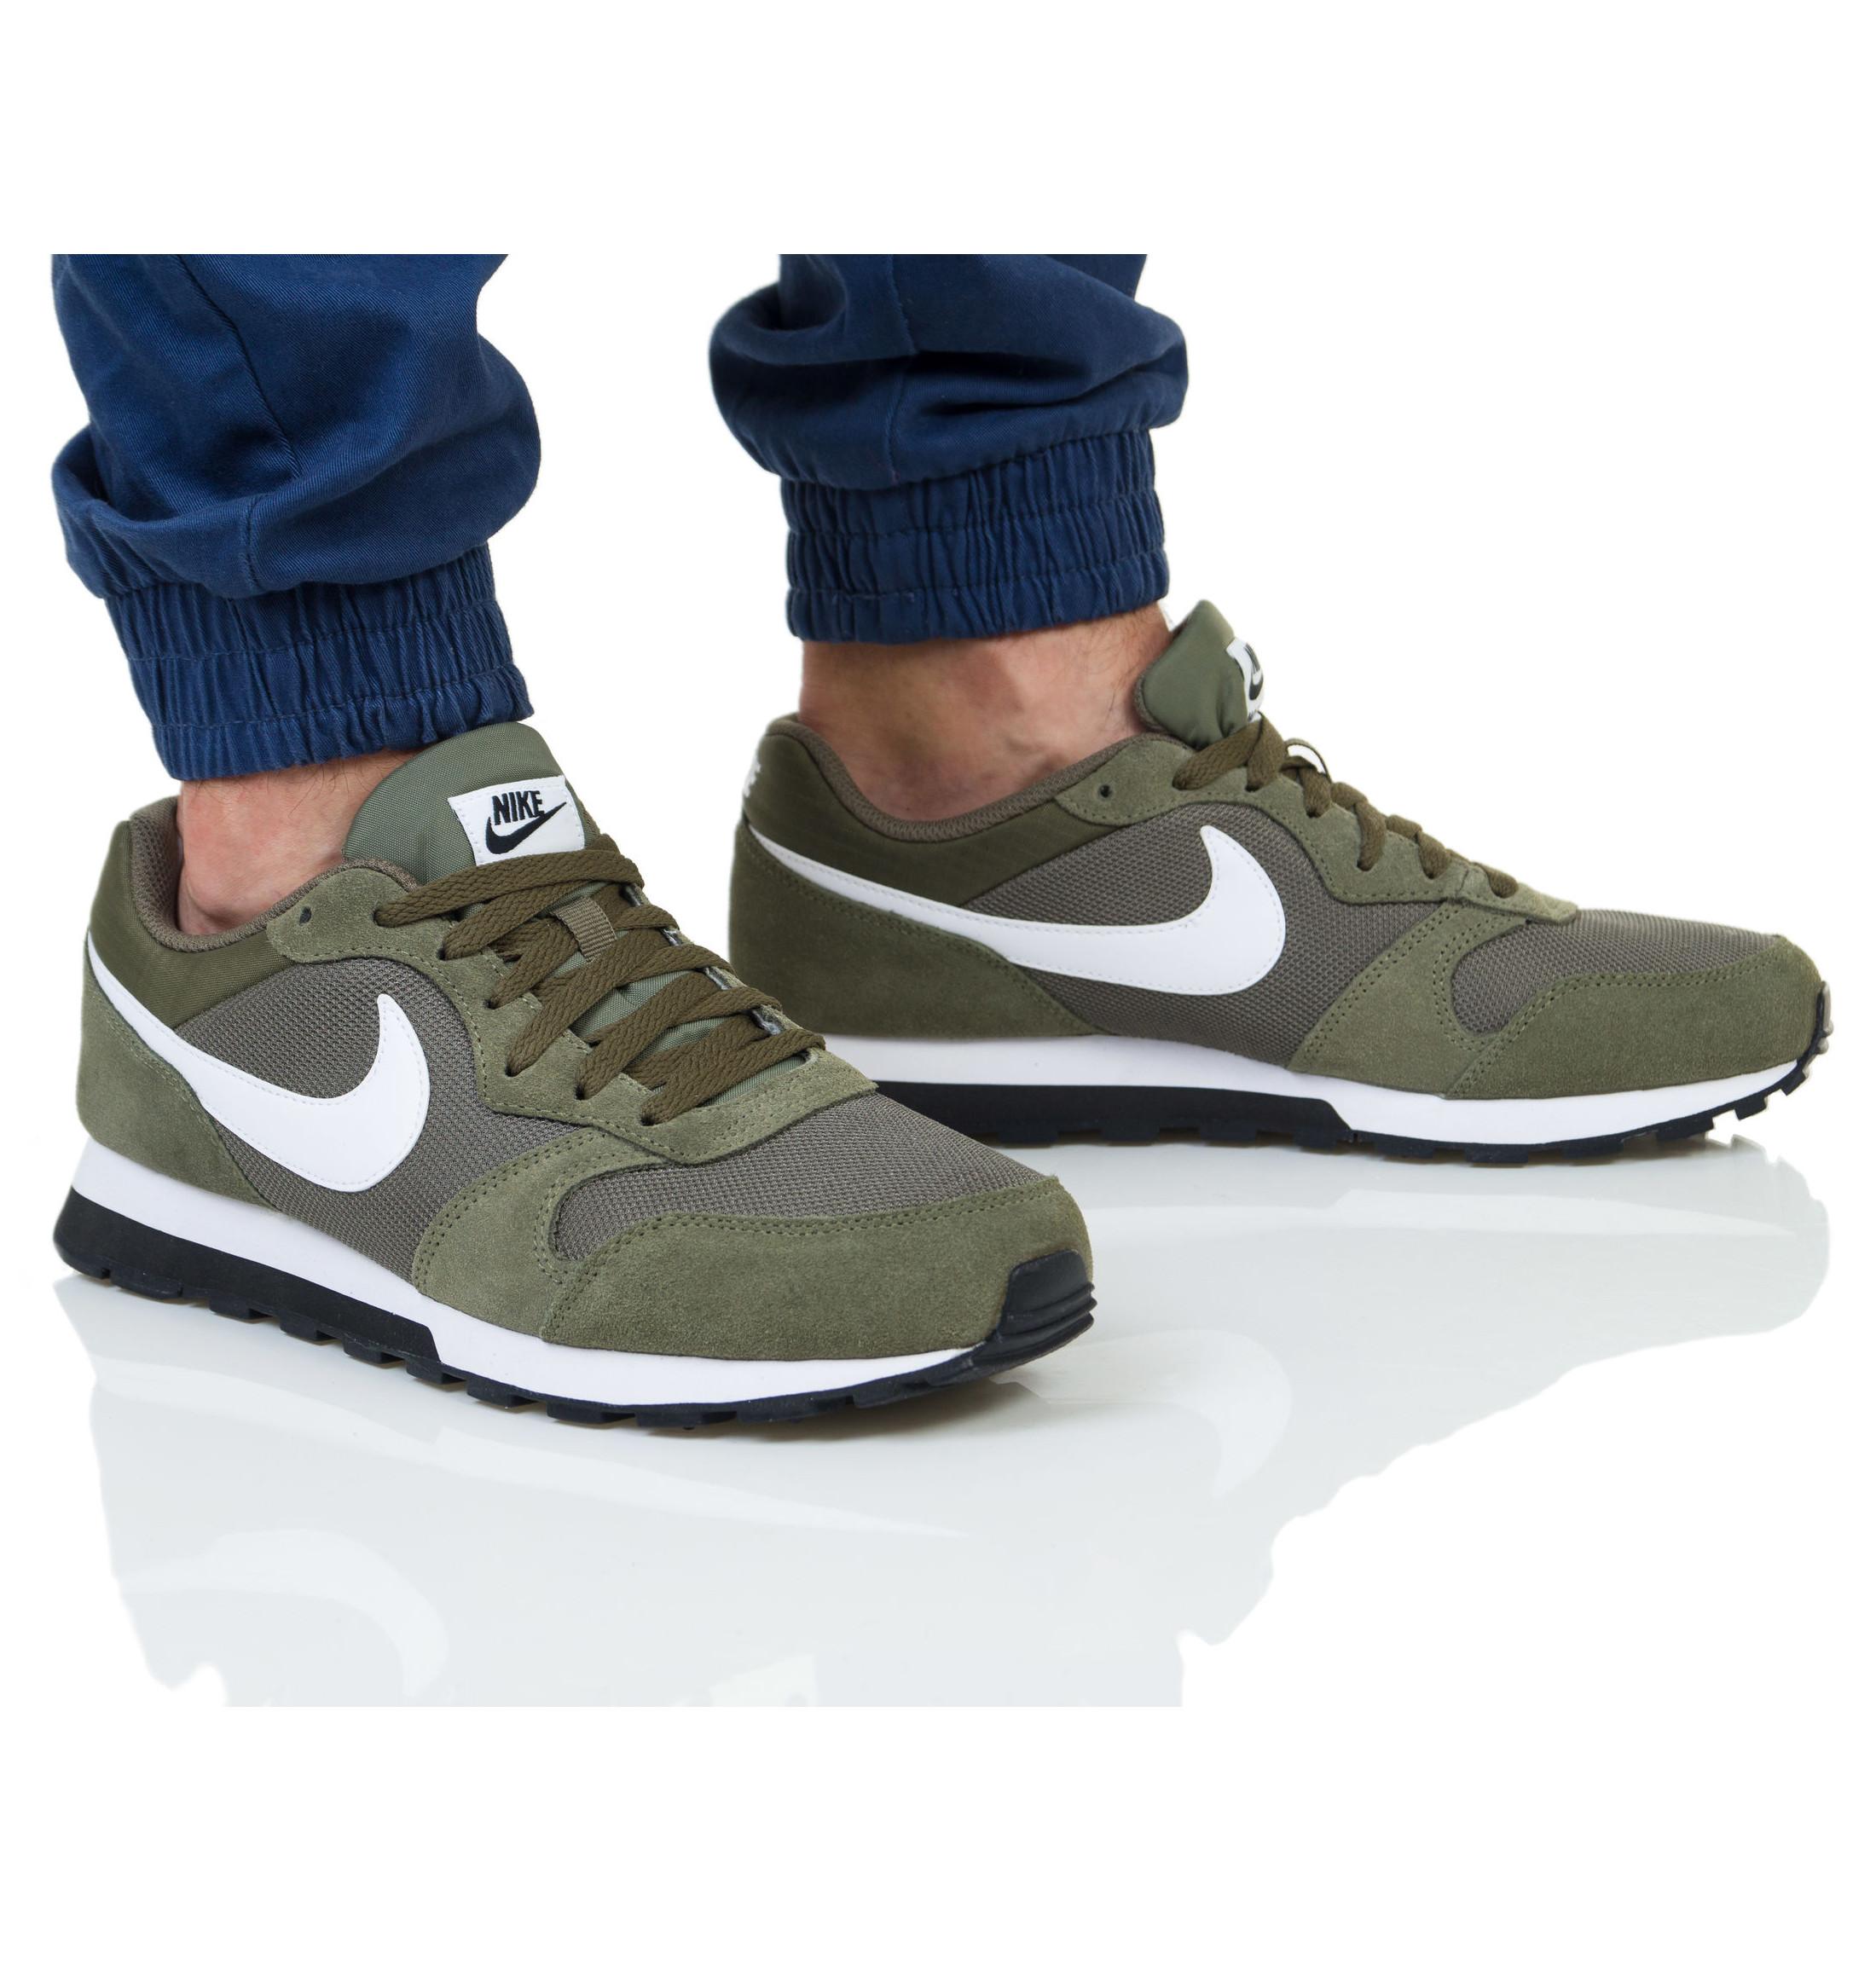 3cfe96abc2f Nike Scarpe Sneakers Sportive MD Runner 2 Verde Oliva Sportswear ...